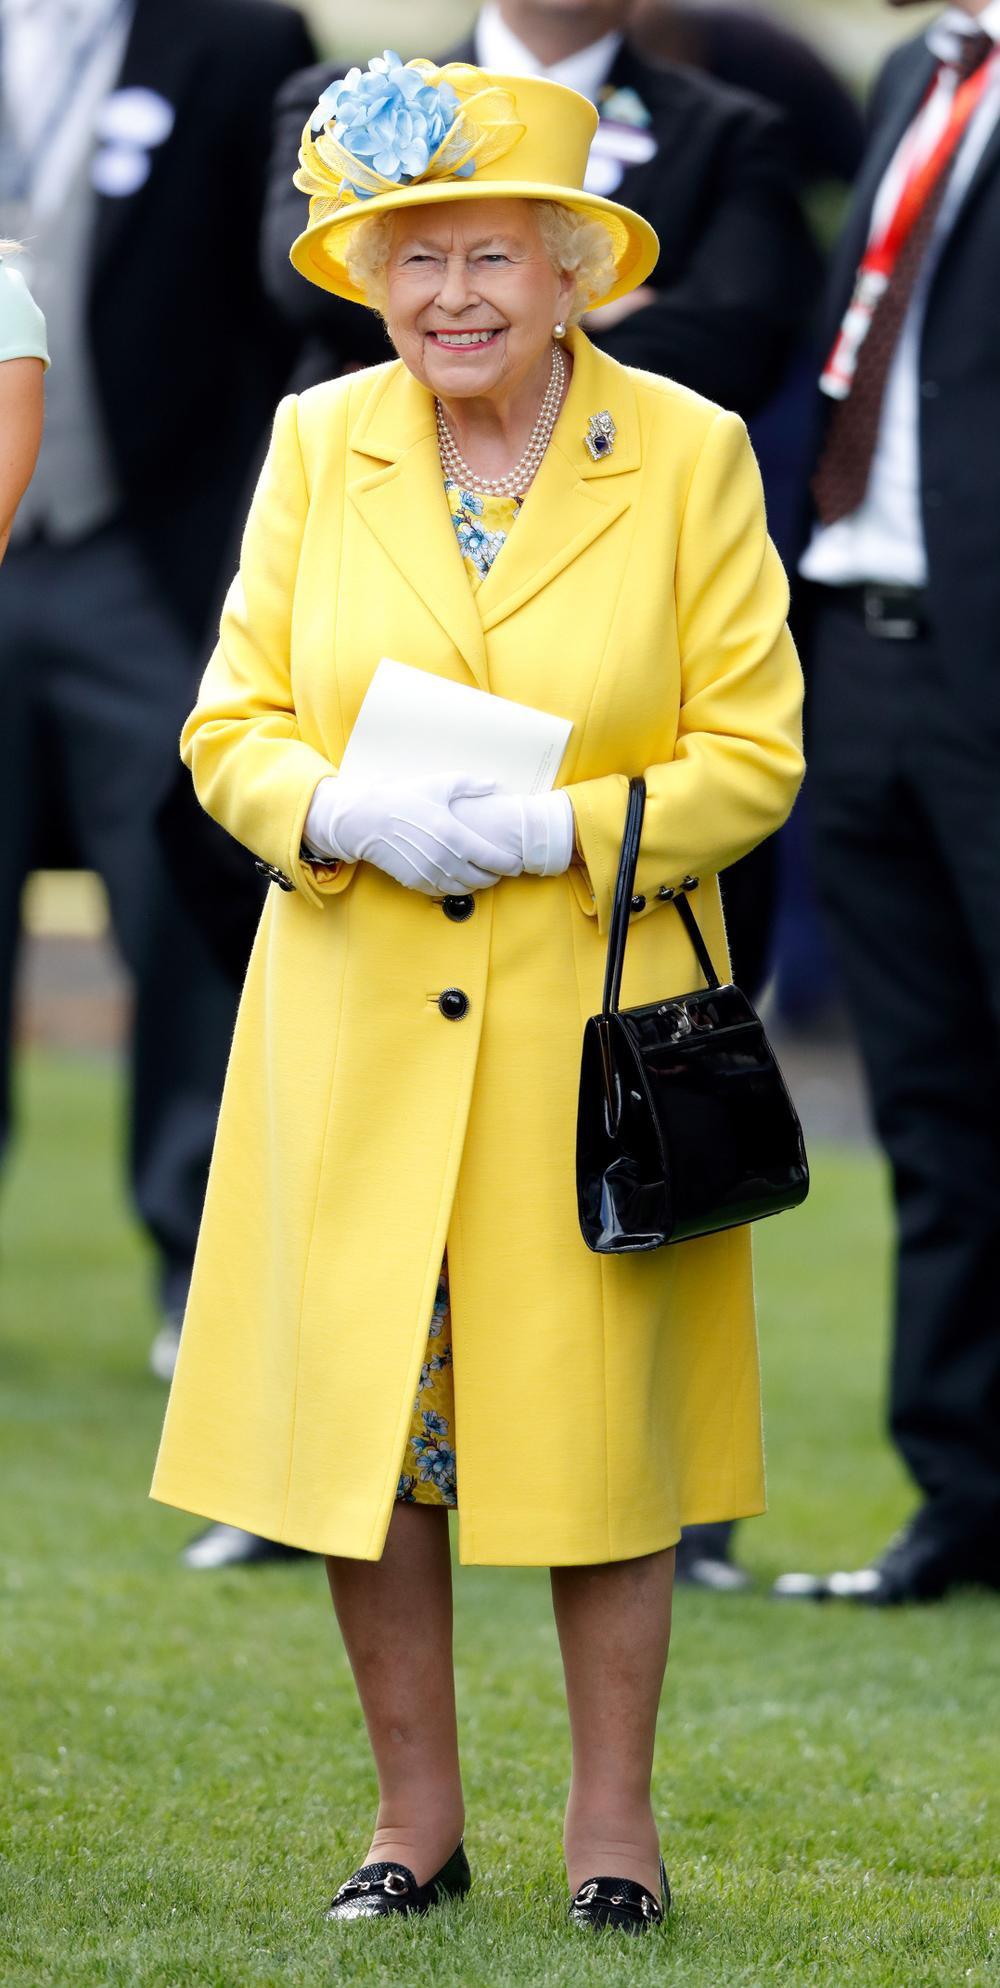 Tại sao phụ nữ hoàng gia luôn cầm theo túi xách? Ảnh 2